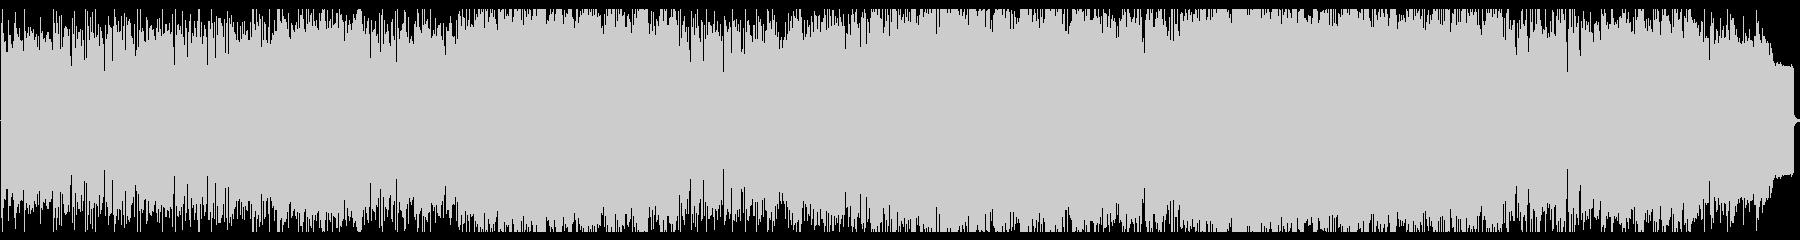 シンセリードのインストゥルメンタルの未再生の波形